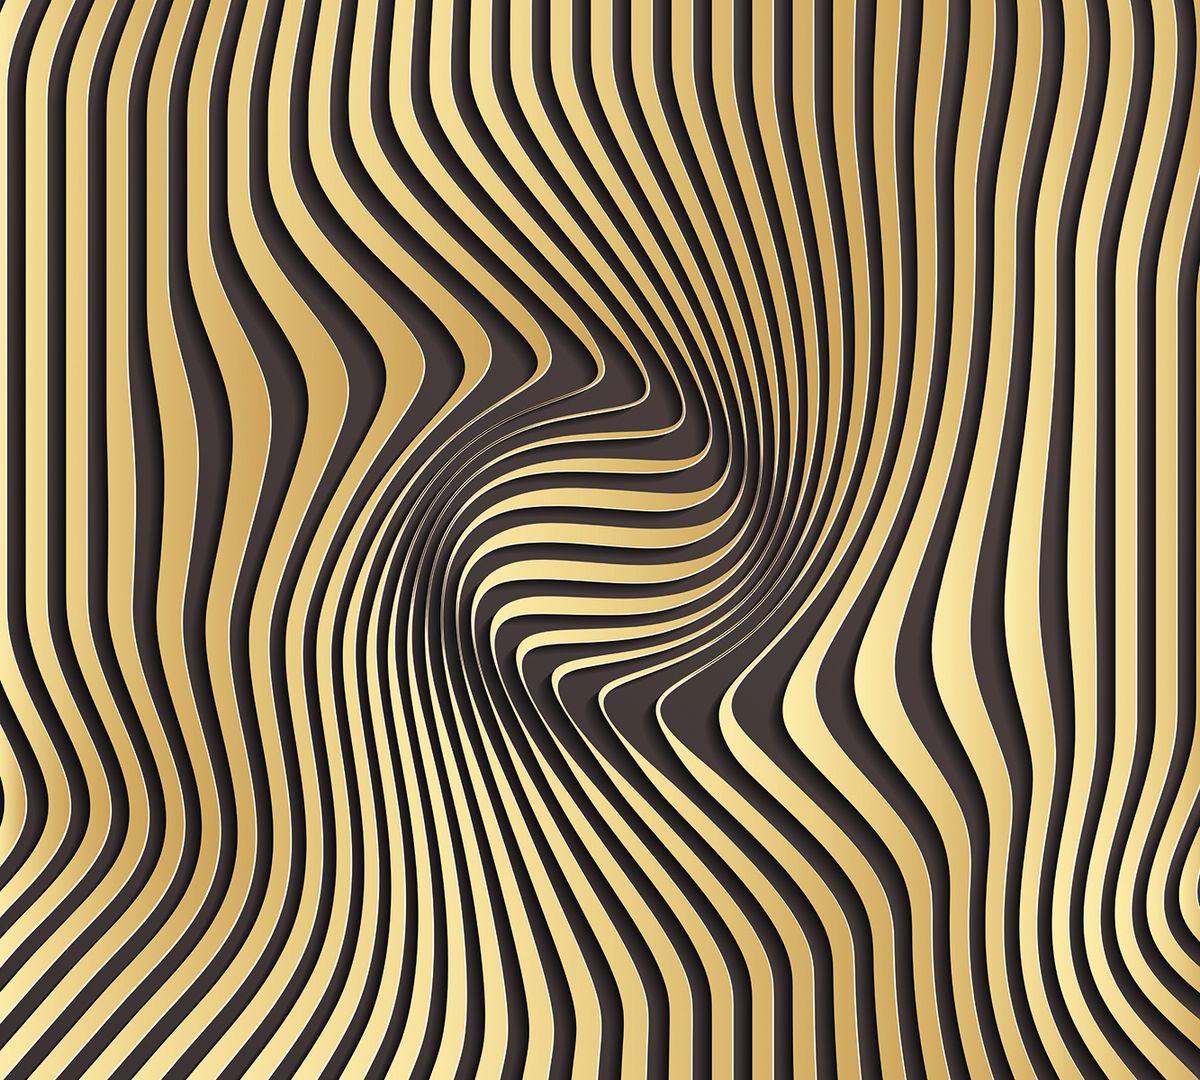 Фотообои флизелиновые Milan 3D волна, текстурные, 3 х 2,7 мM 364Текстурные флизелиновые фотообои Milan 3D волна позволят создать неповторимый облик помещения, в котором они размещены. Milan — дизайнерская коллекция фотообоев и фотопанно европейского качества, созданная на основе последних тенденций в мире интерьерной моды. Еще вчера эти тренды демонстрировались на подиумах столицы моды, а сегодня они нашли реализацию в декоре стен. Фотообои Milan реализуют концепцию доступности Моды для жителей больших и маленьких городов. Фотообои Milan — мода для стен, доступная каждому! Монтаж: Клеи Quelid Murale, Хенкель Metylan Овалид Т и Pufas Security GK10 . Принцип монтажа: стык в стык.